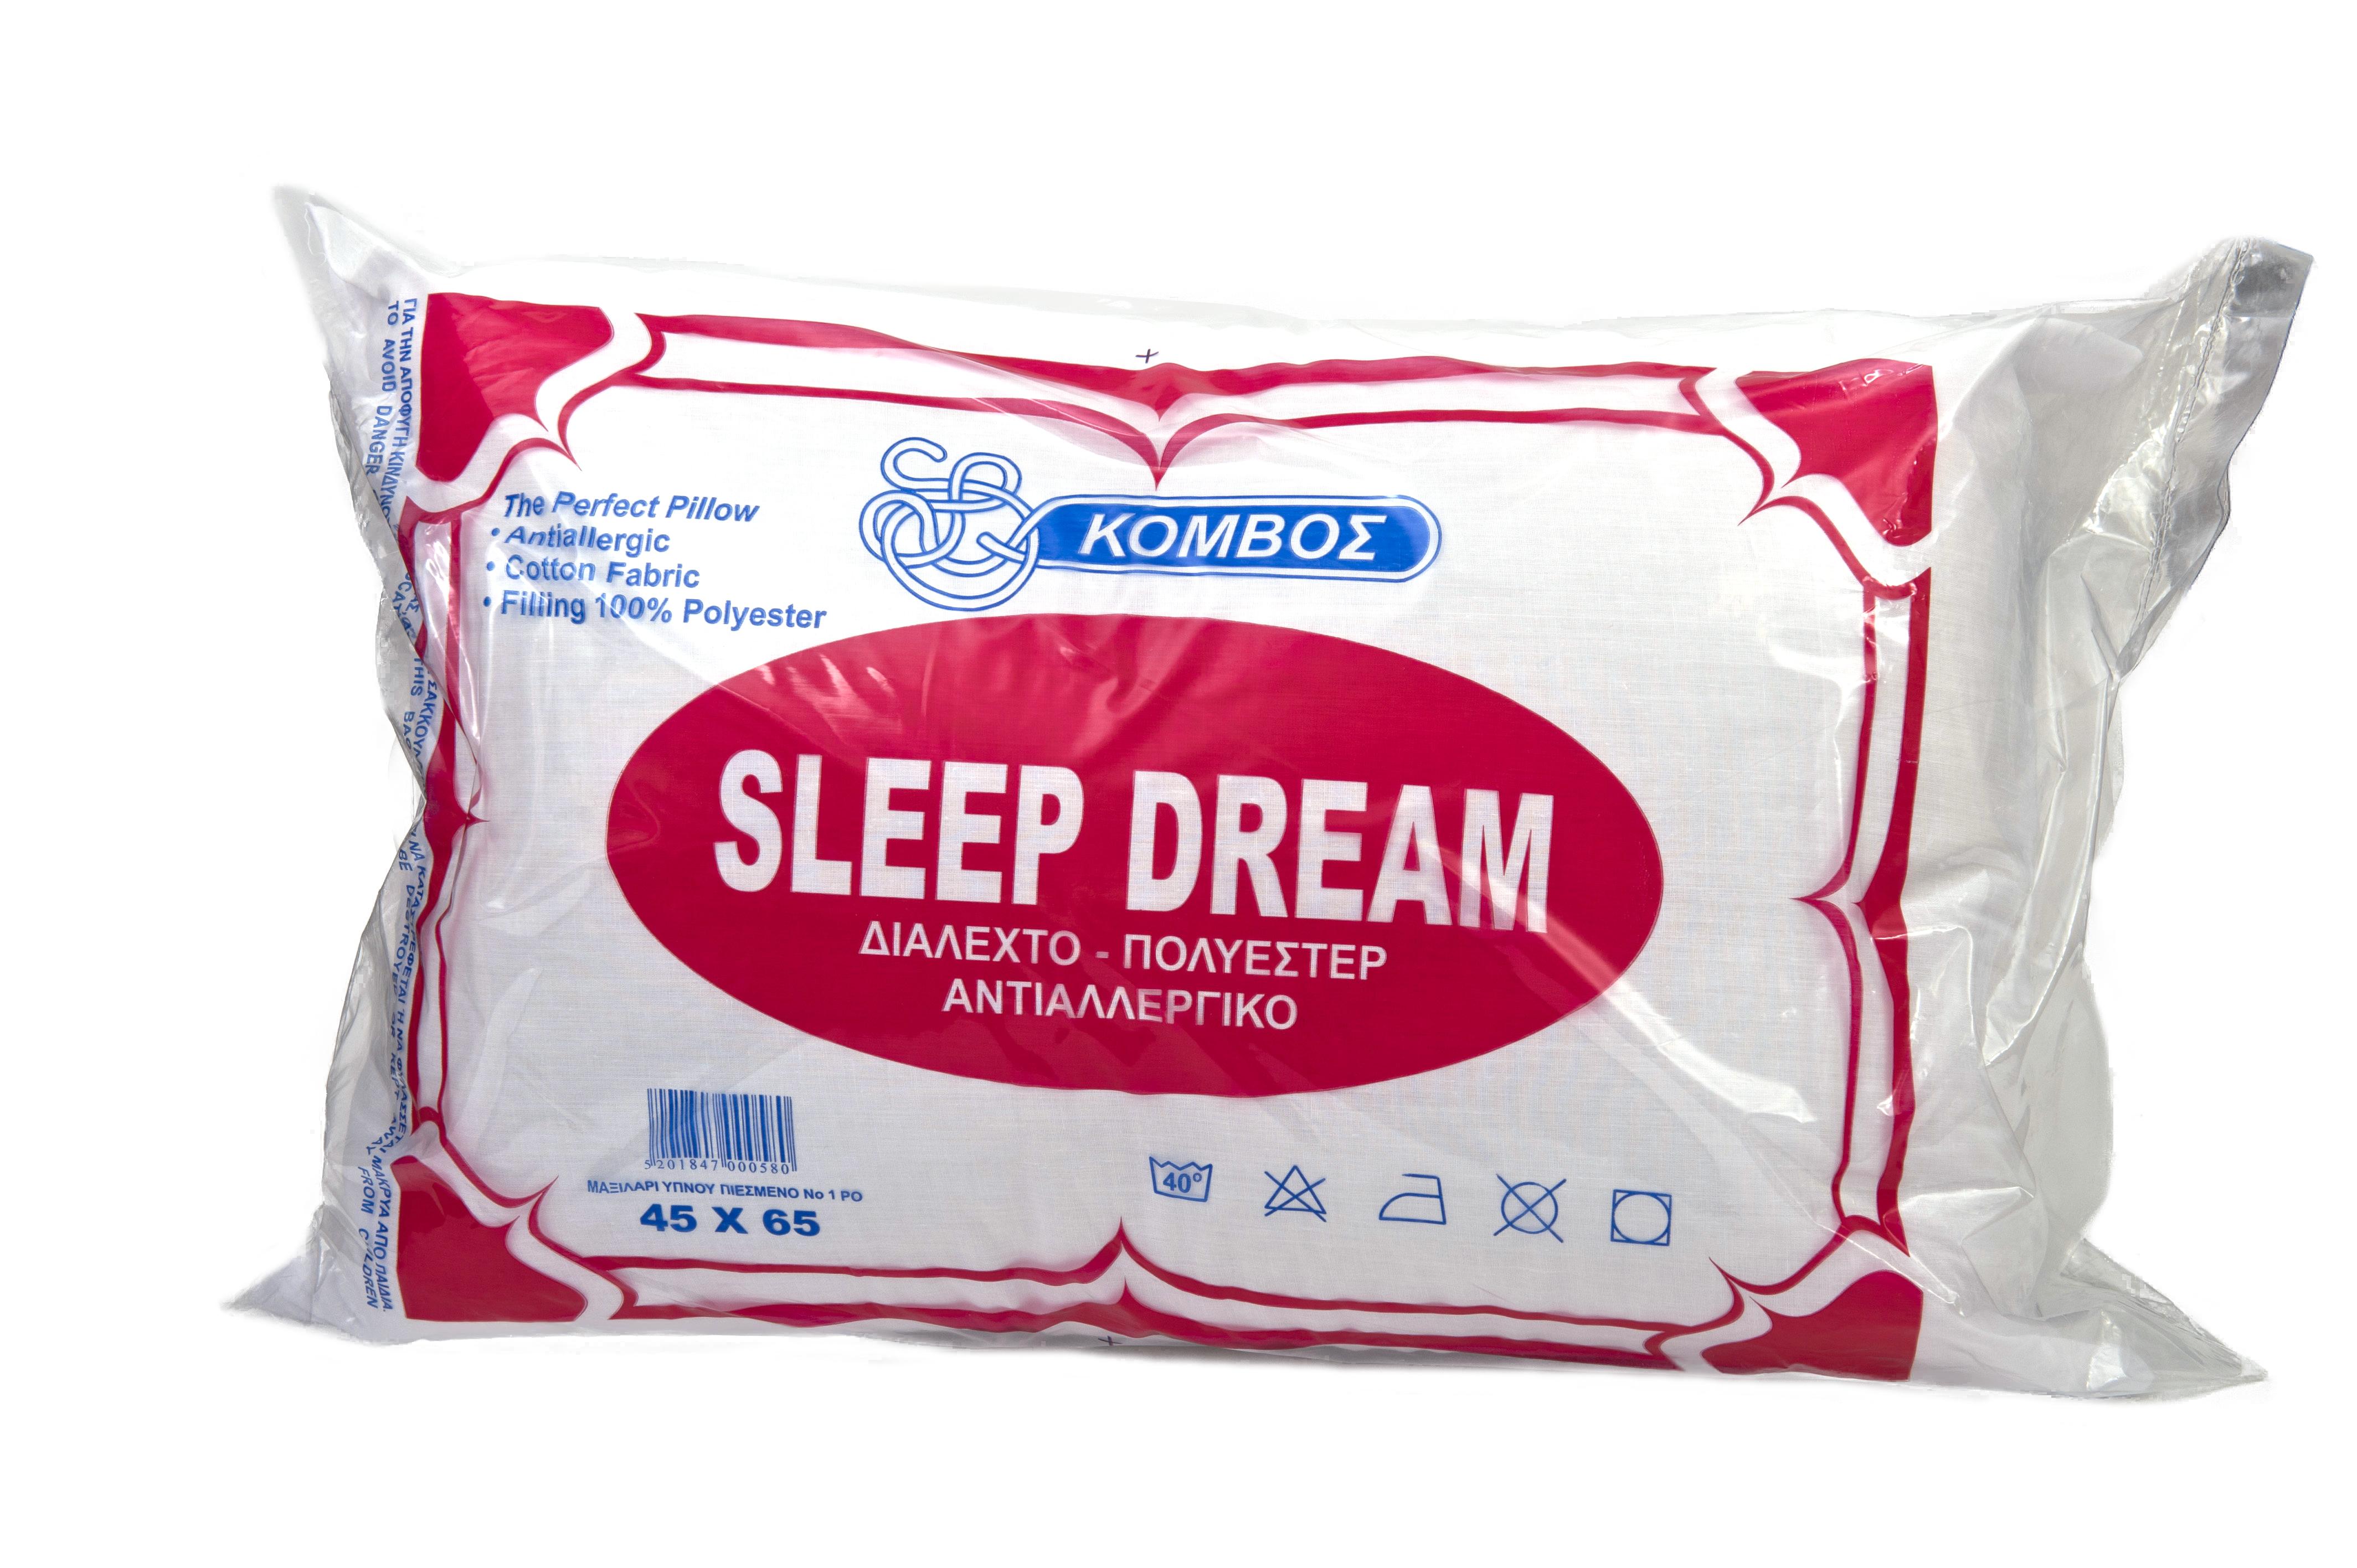 Μαξιλάρι Ύπνου Φουσκωτό 45x65εκ. - KOMVOS HOME - fouskoto-1 λευκα ειδη υπνοδωμάτιο μαξιλάρια